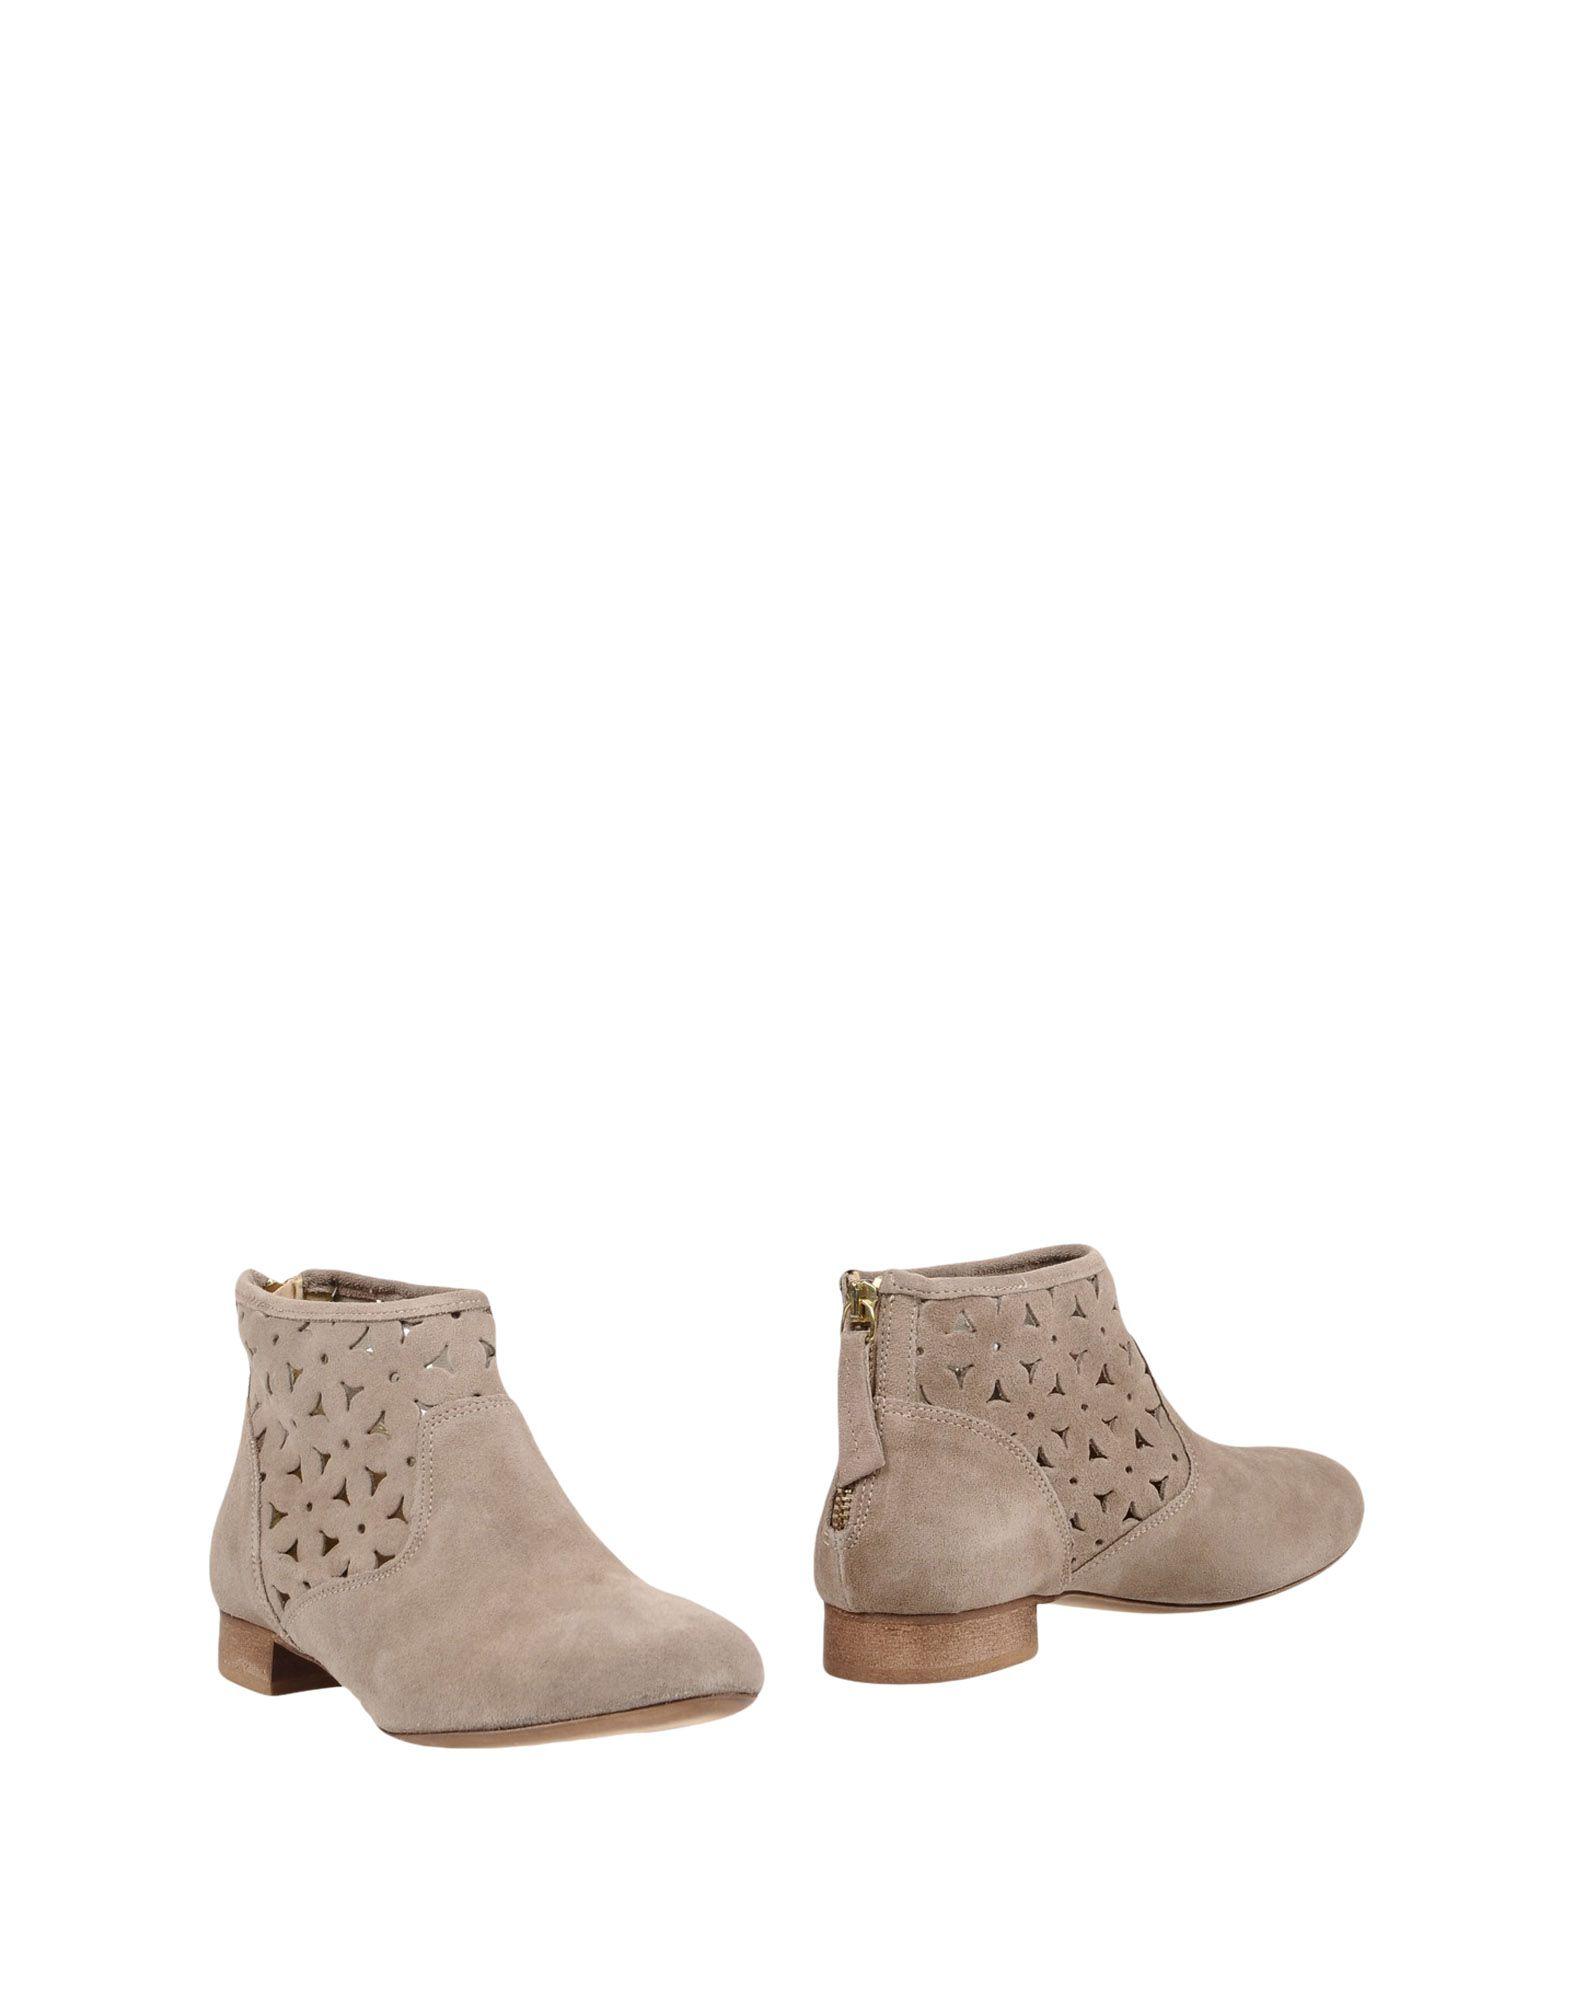 Eye Stiefelette Damen  11427461WX Gute Qualität beliebte Schuhe